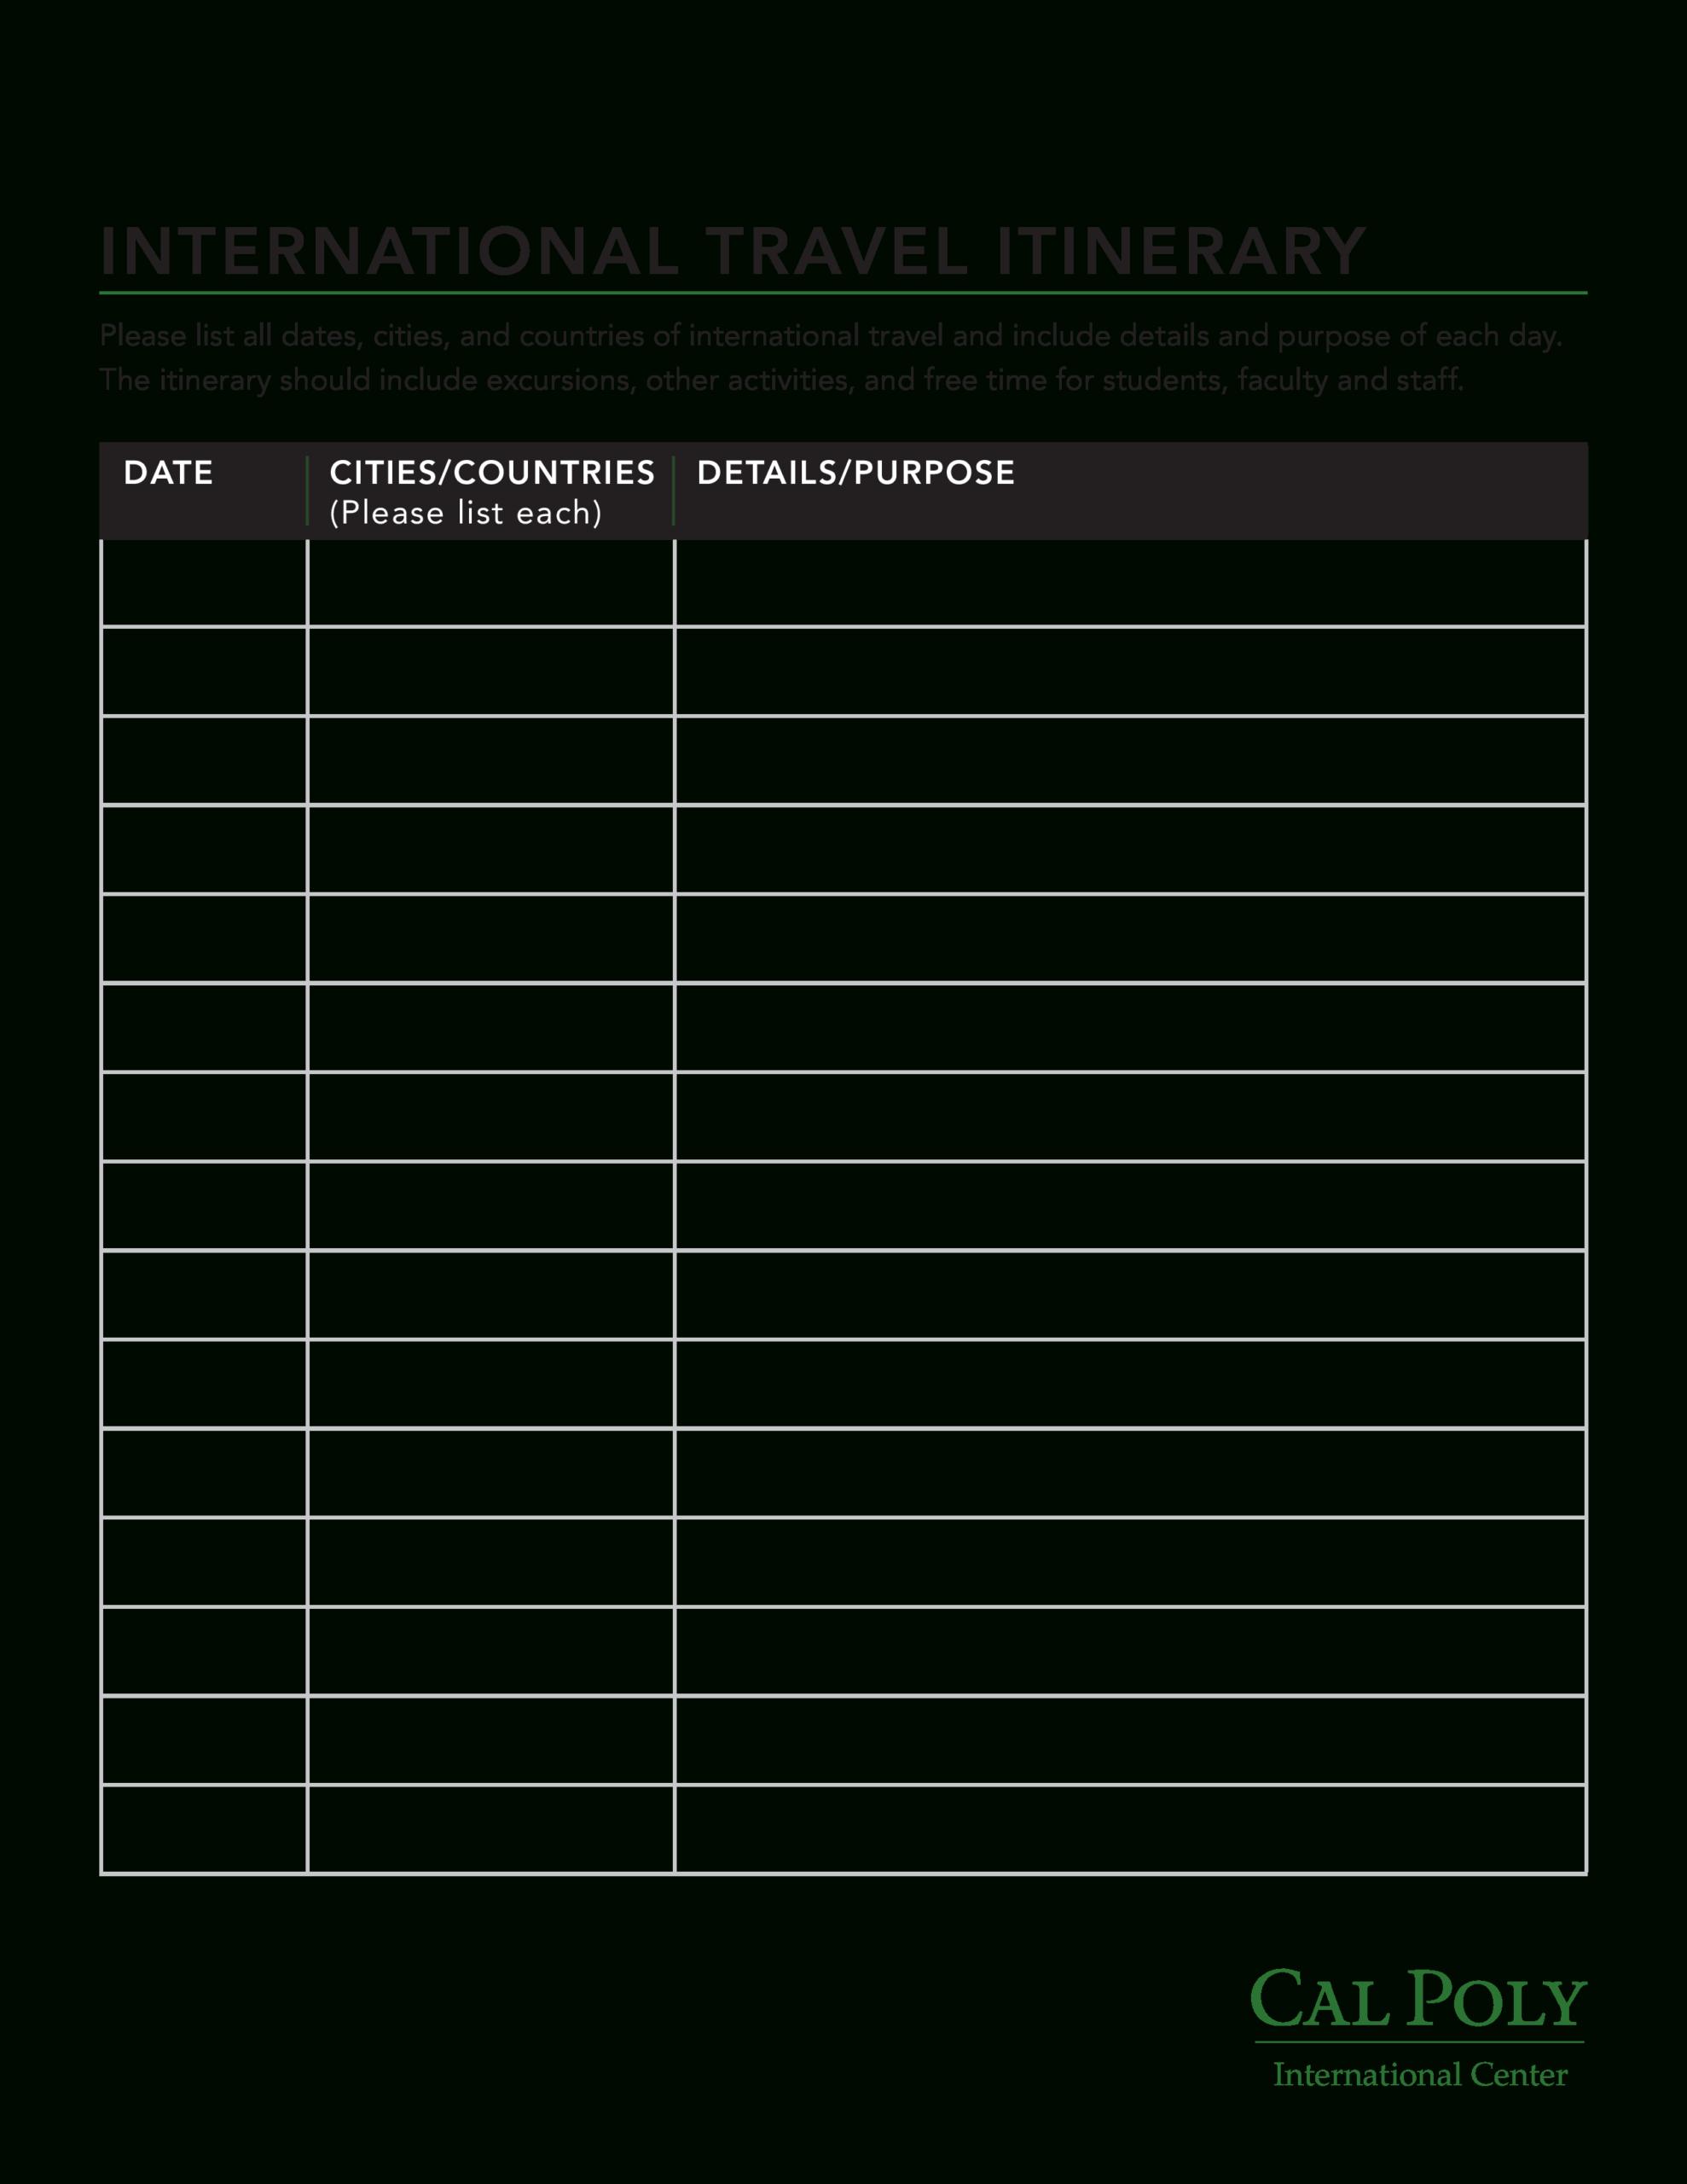 International Itinerary   Templates At Allbusinesstemplates throughout Blank Trip Itinerary Template